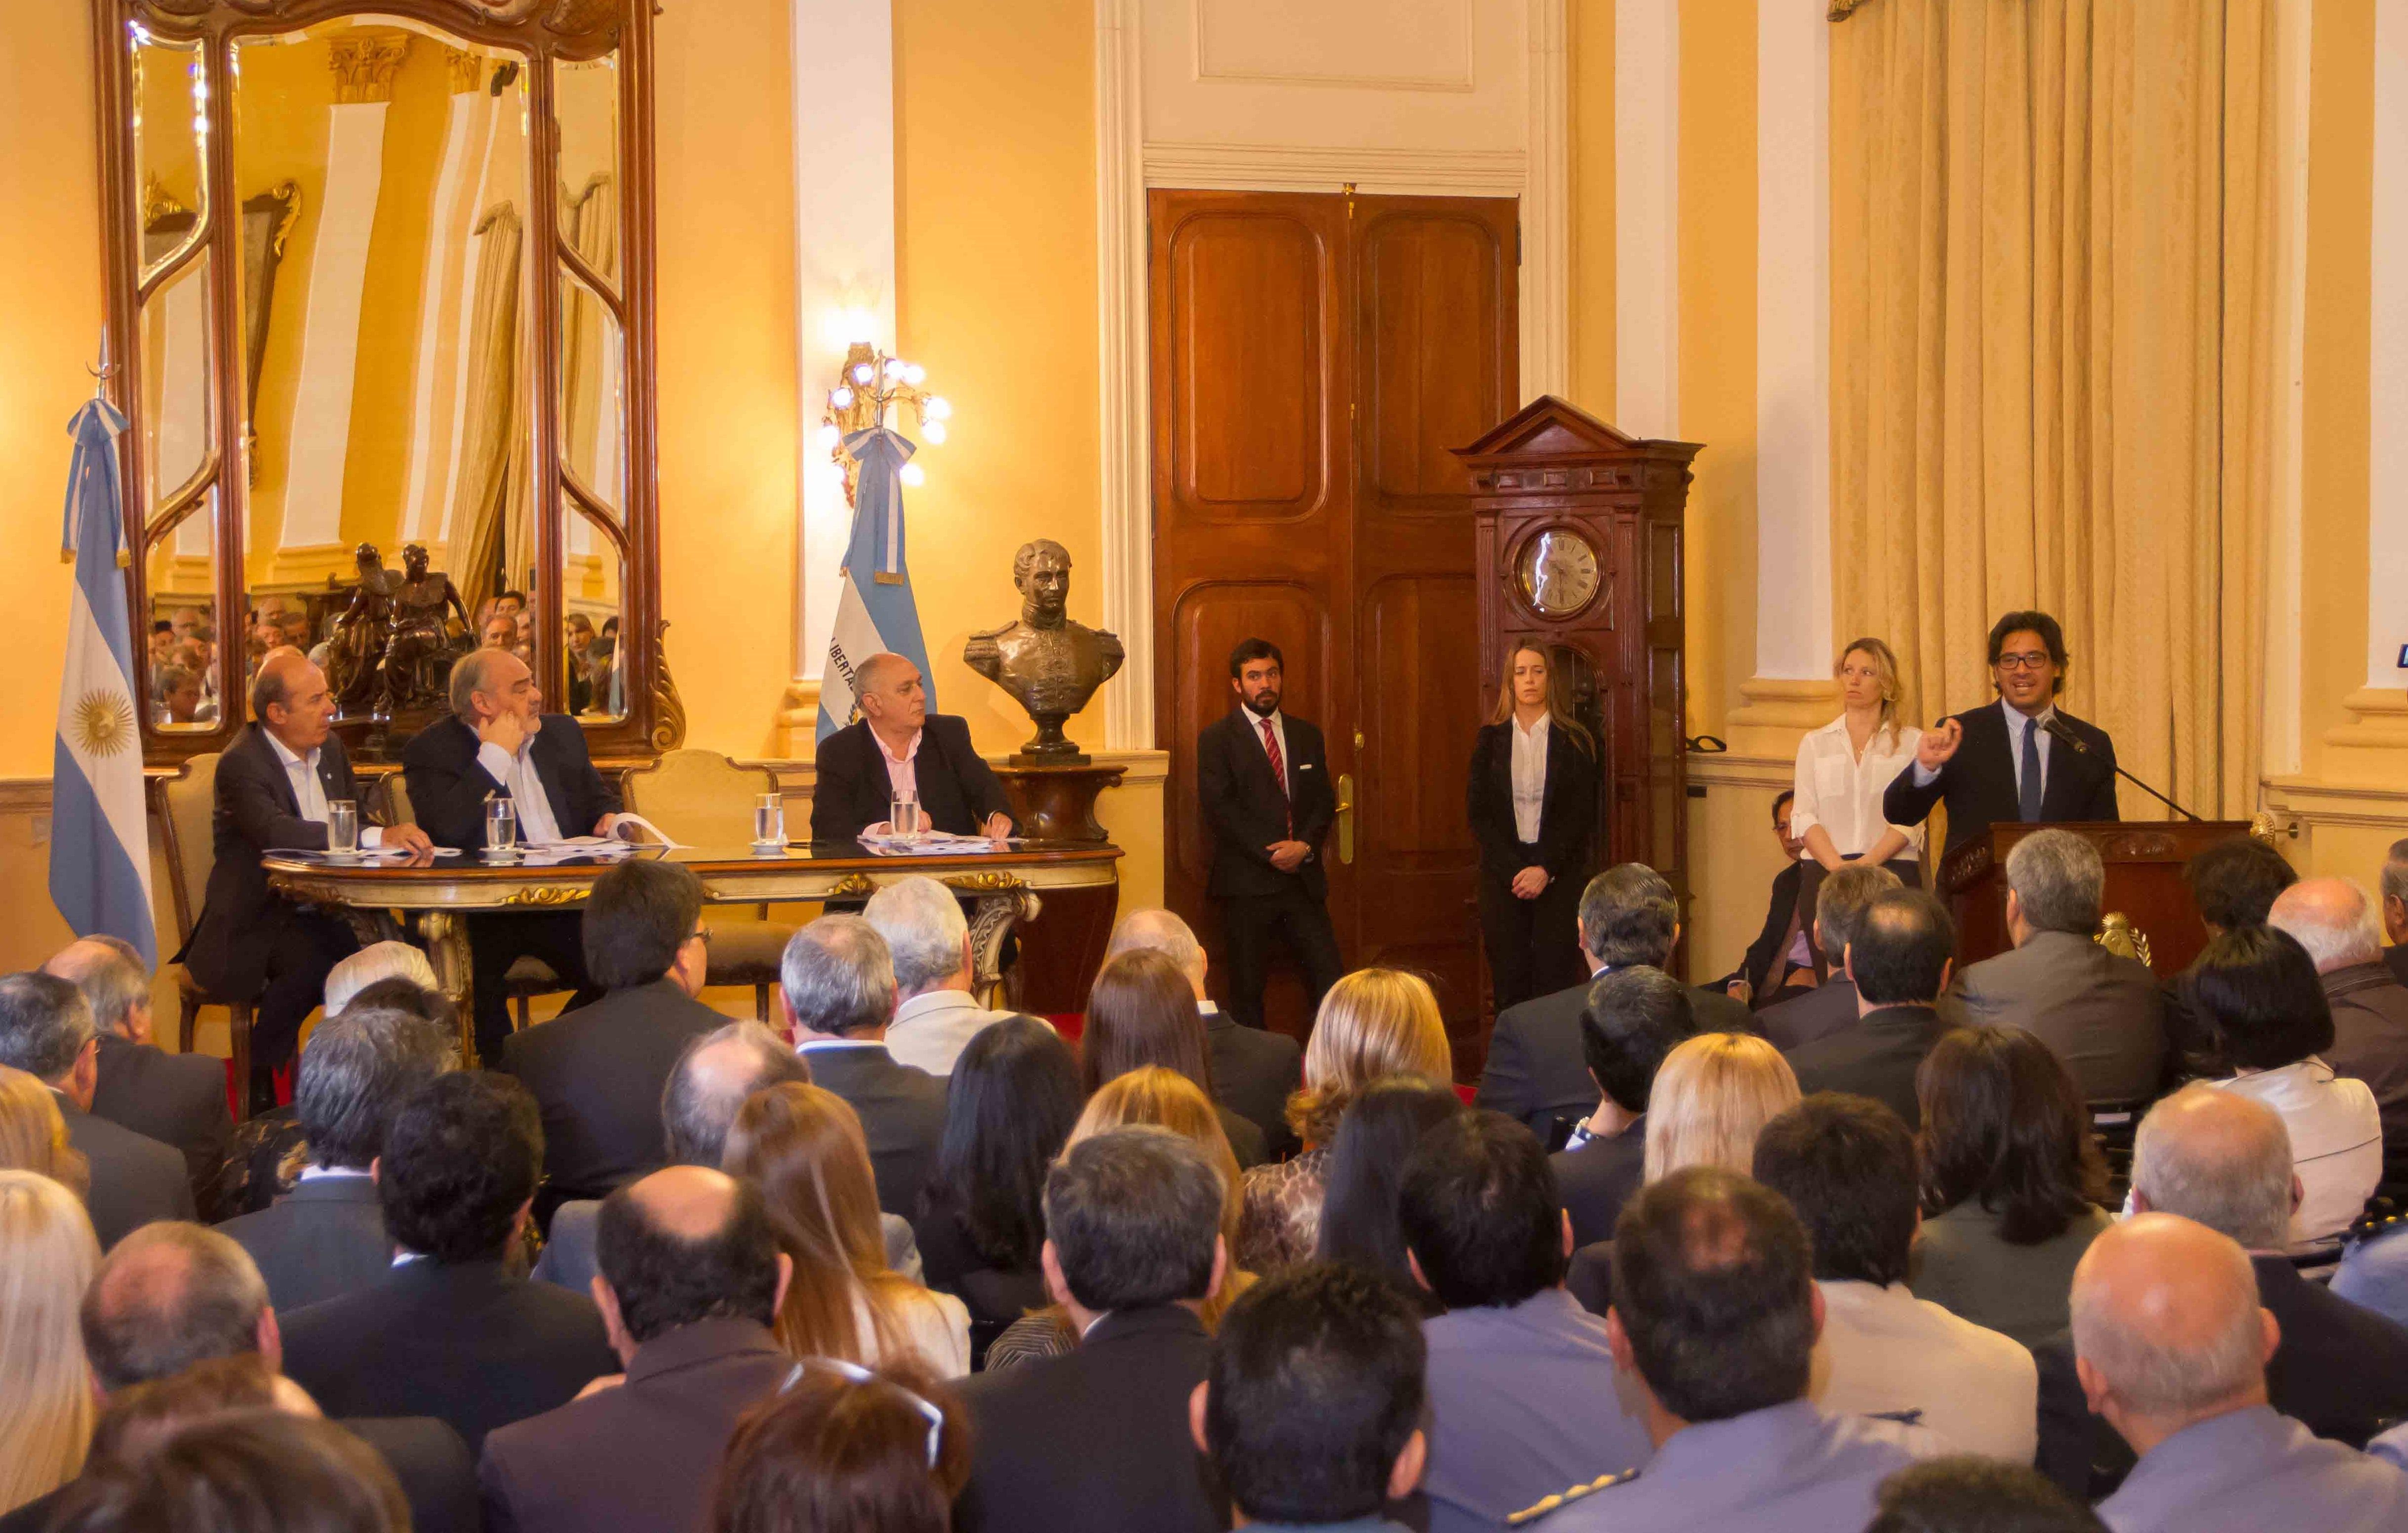 Fortalecimiento de la justicia en Chaco y Corrientes